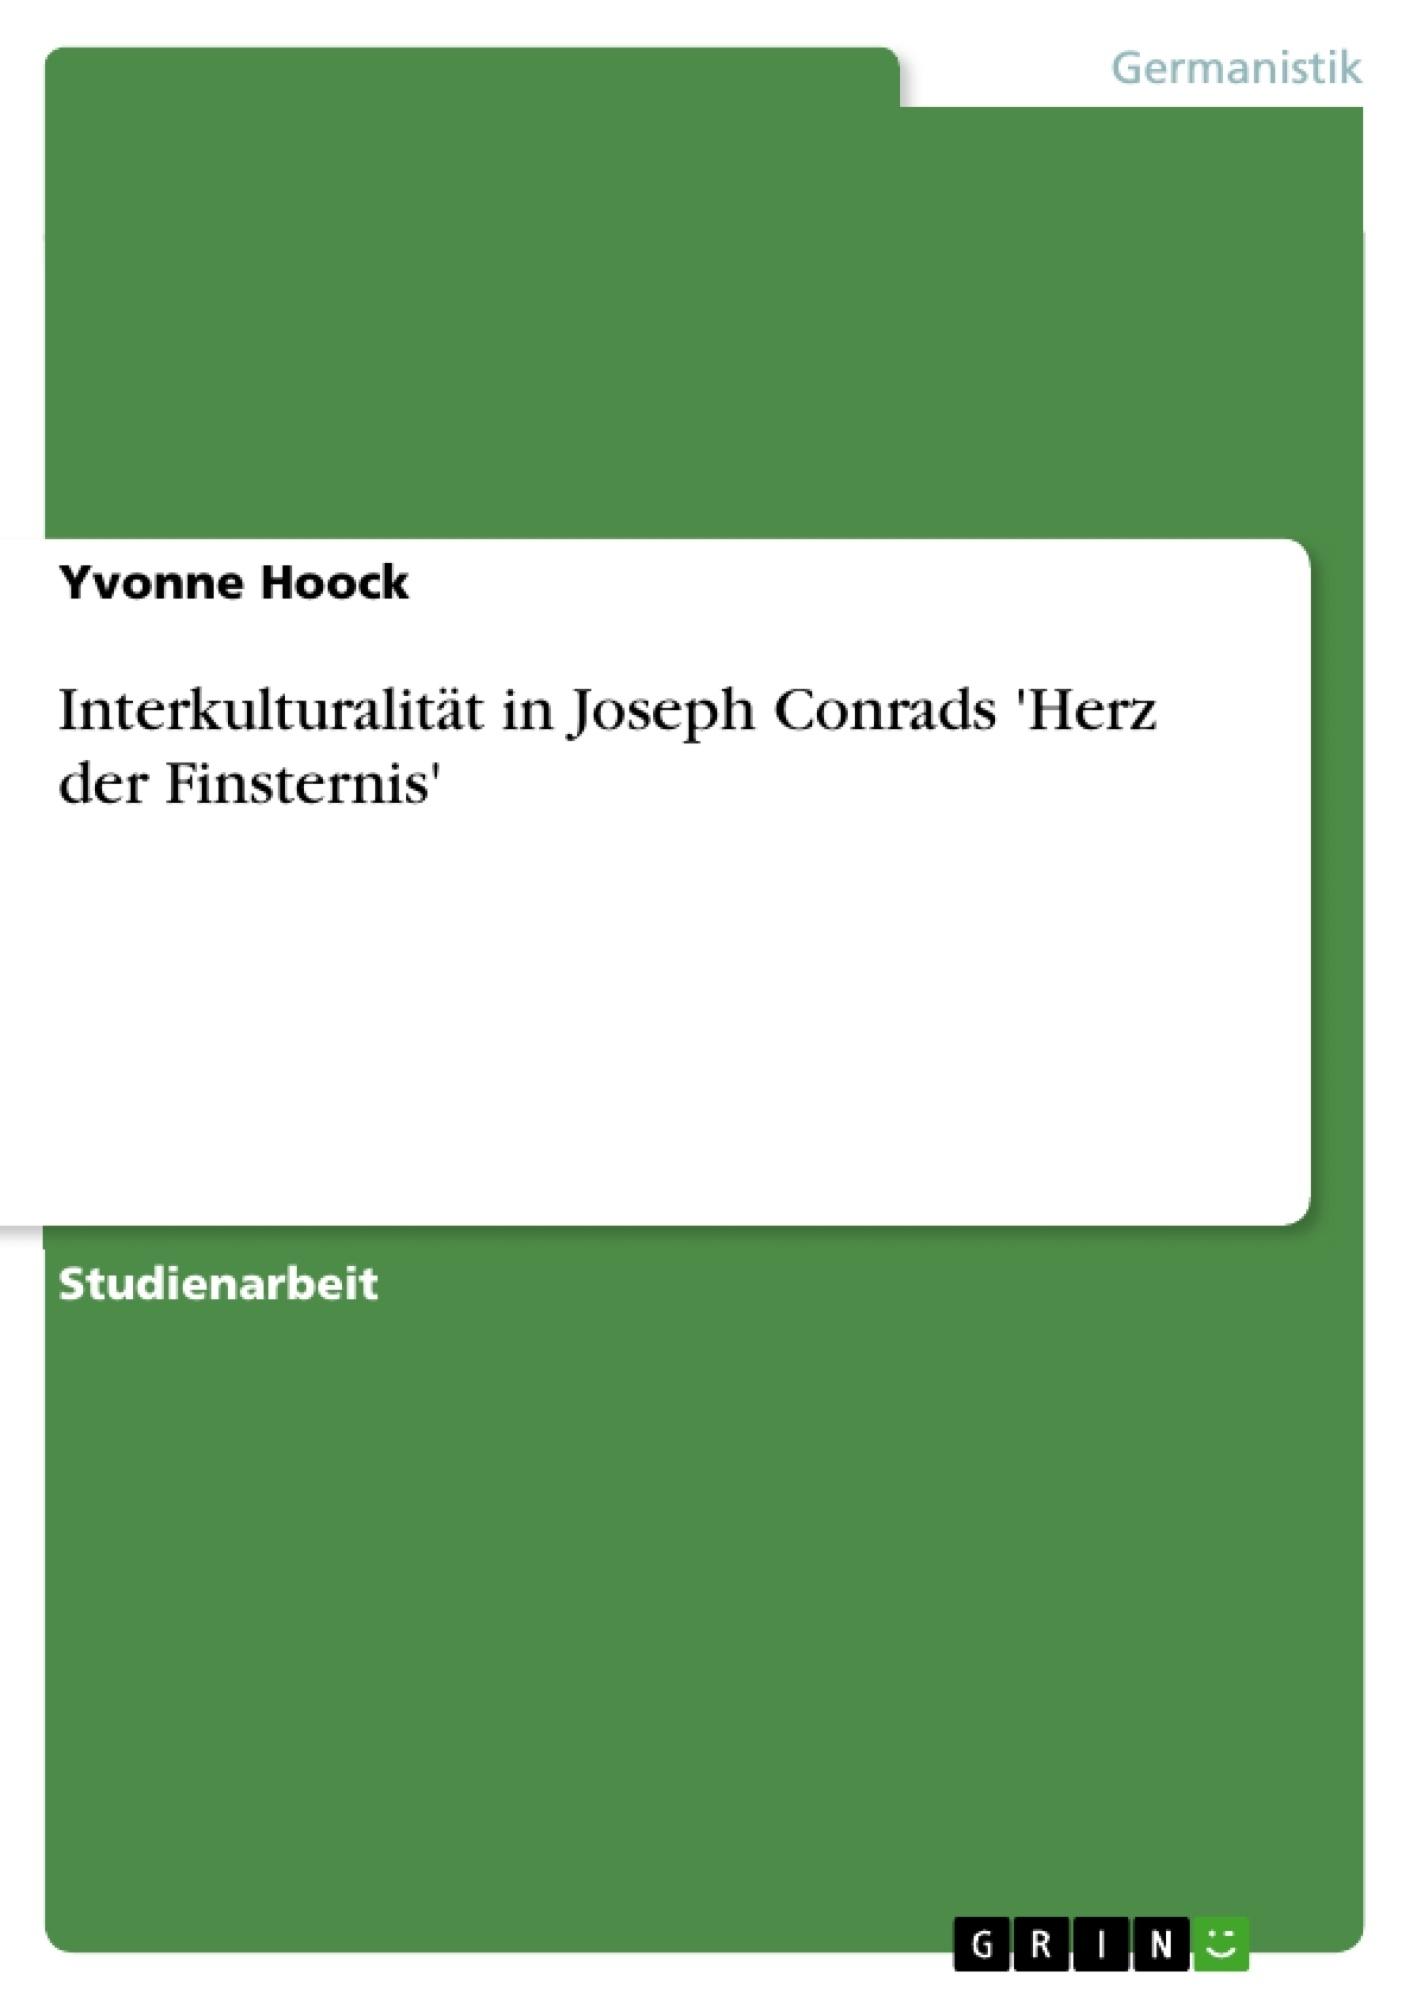 Titel: Interkulturalität in Joseph Conrads 'Herz der Finsternis'